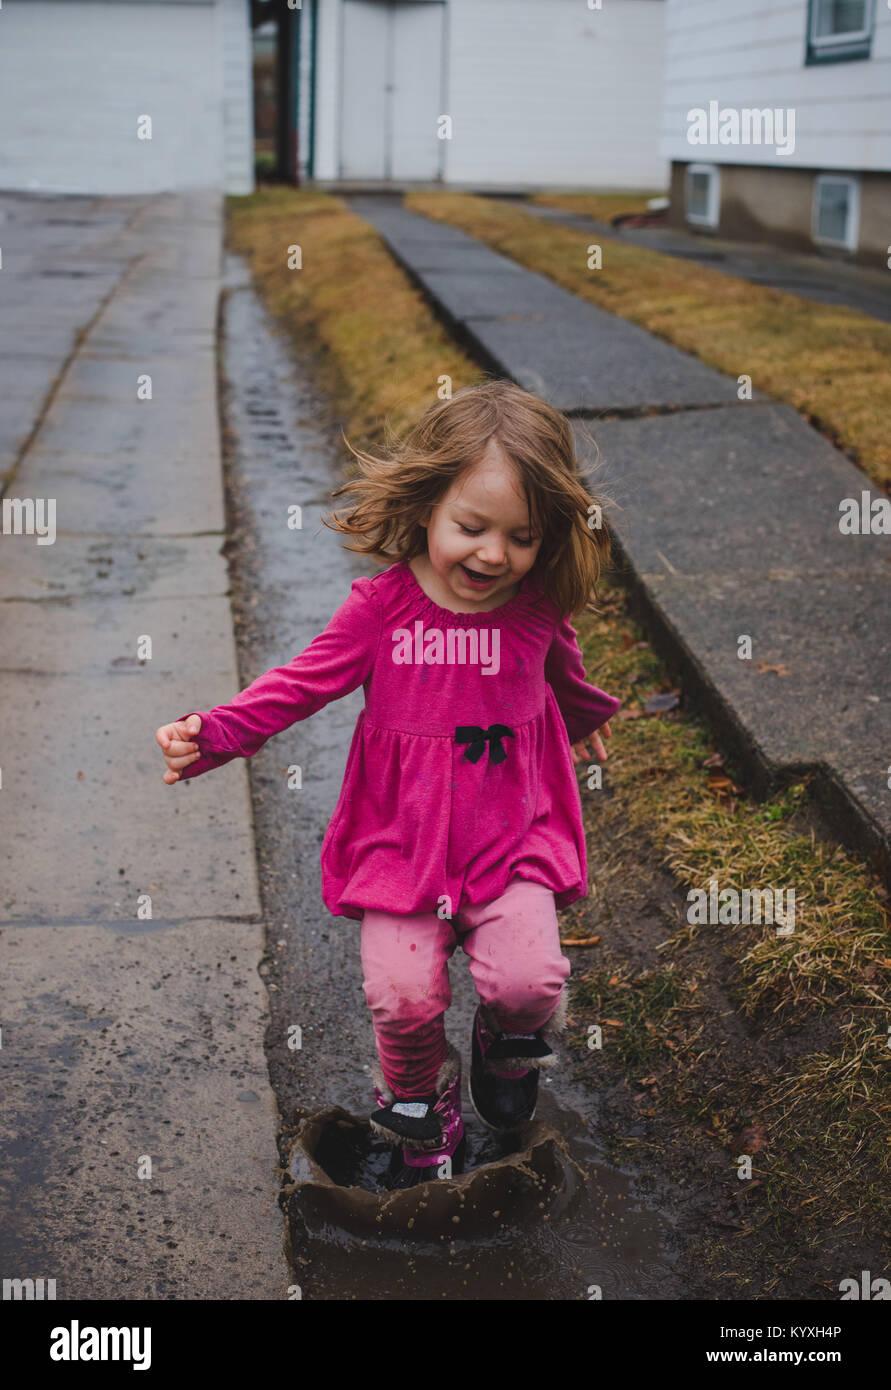 Il Toddler girl indossando rosa, saltando in una pozza di fango in un vialetto in un giorno di pioggia. Immagini Stock